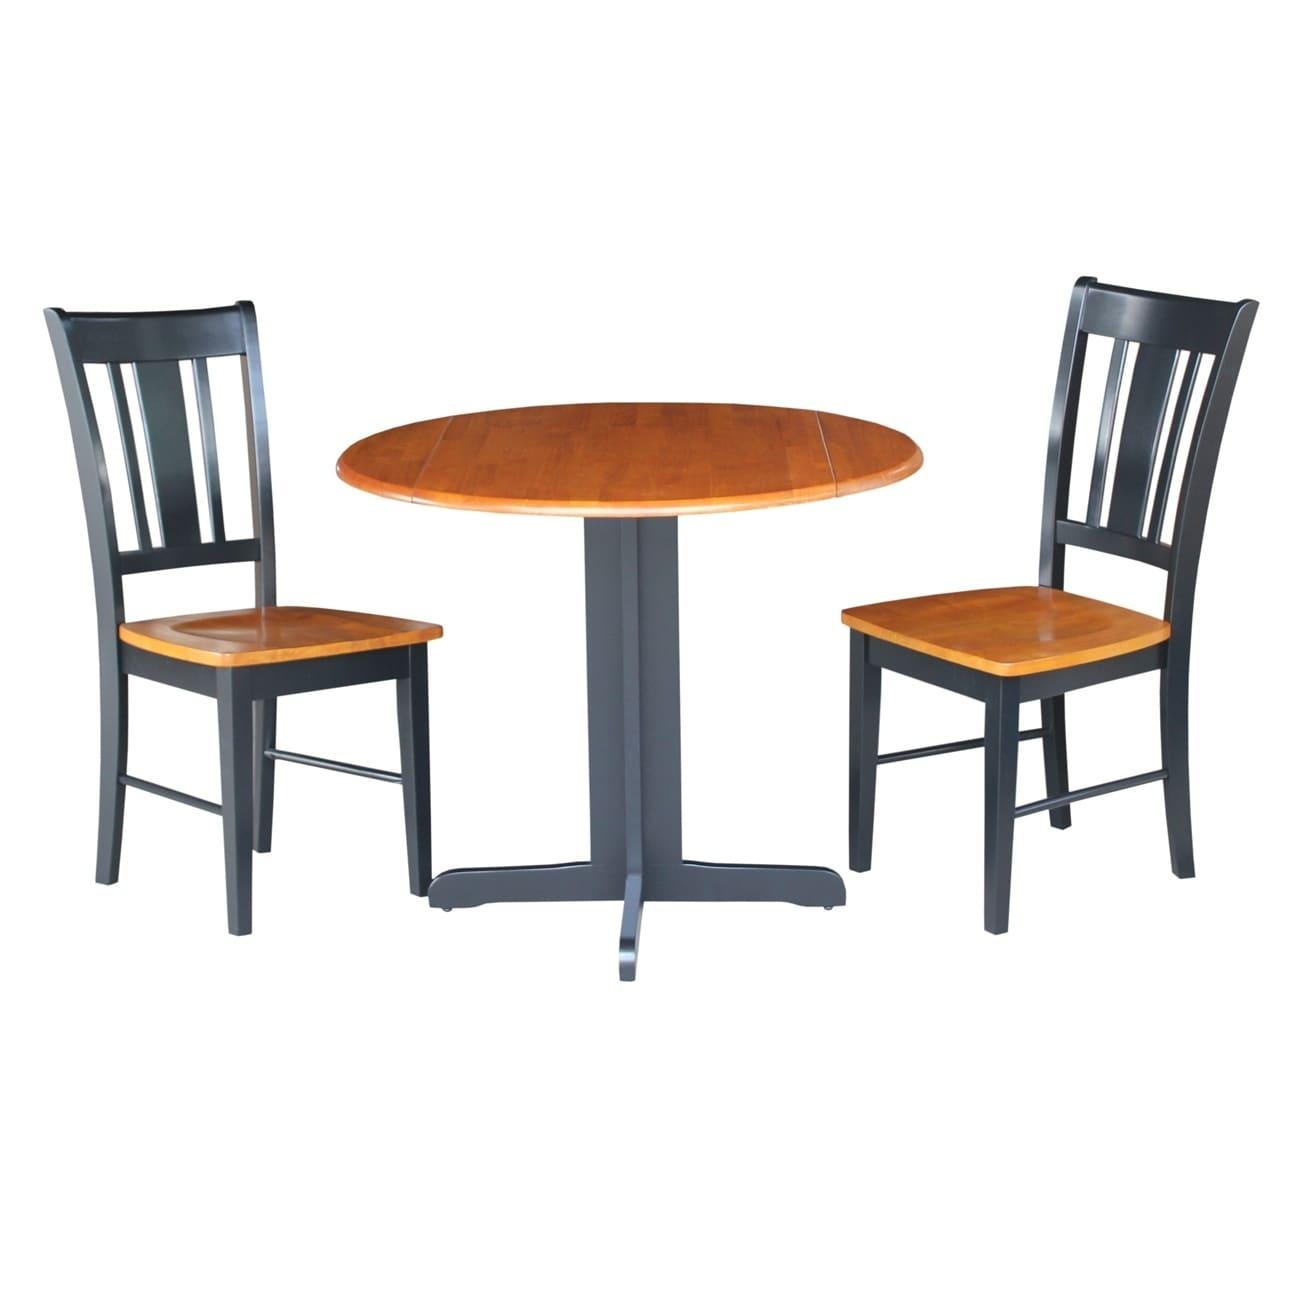 International Concepts Dual Drop Leaf 36-inch Dining Tabl...